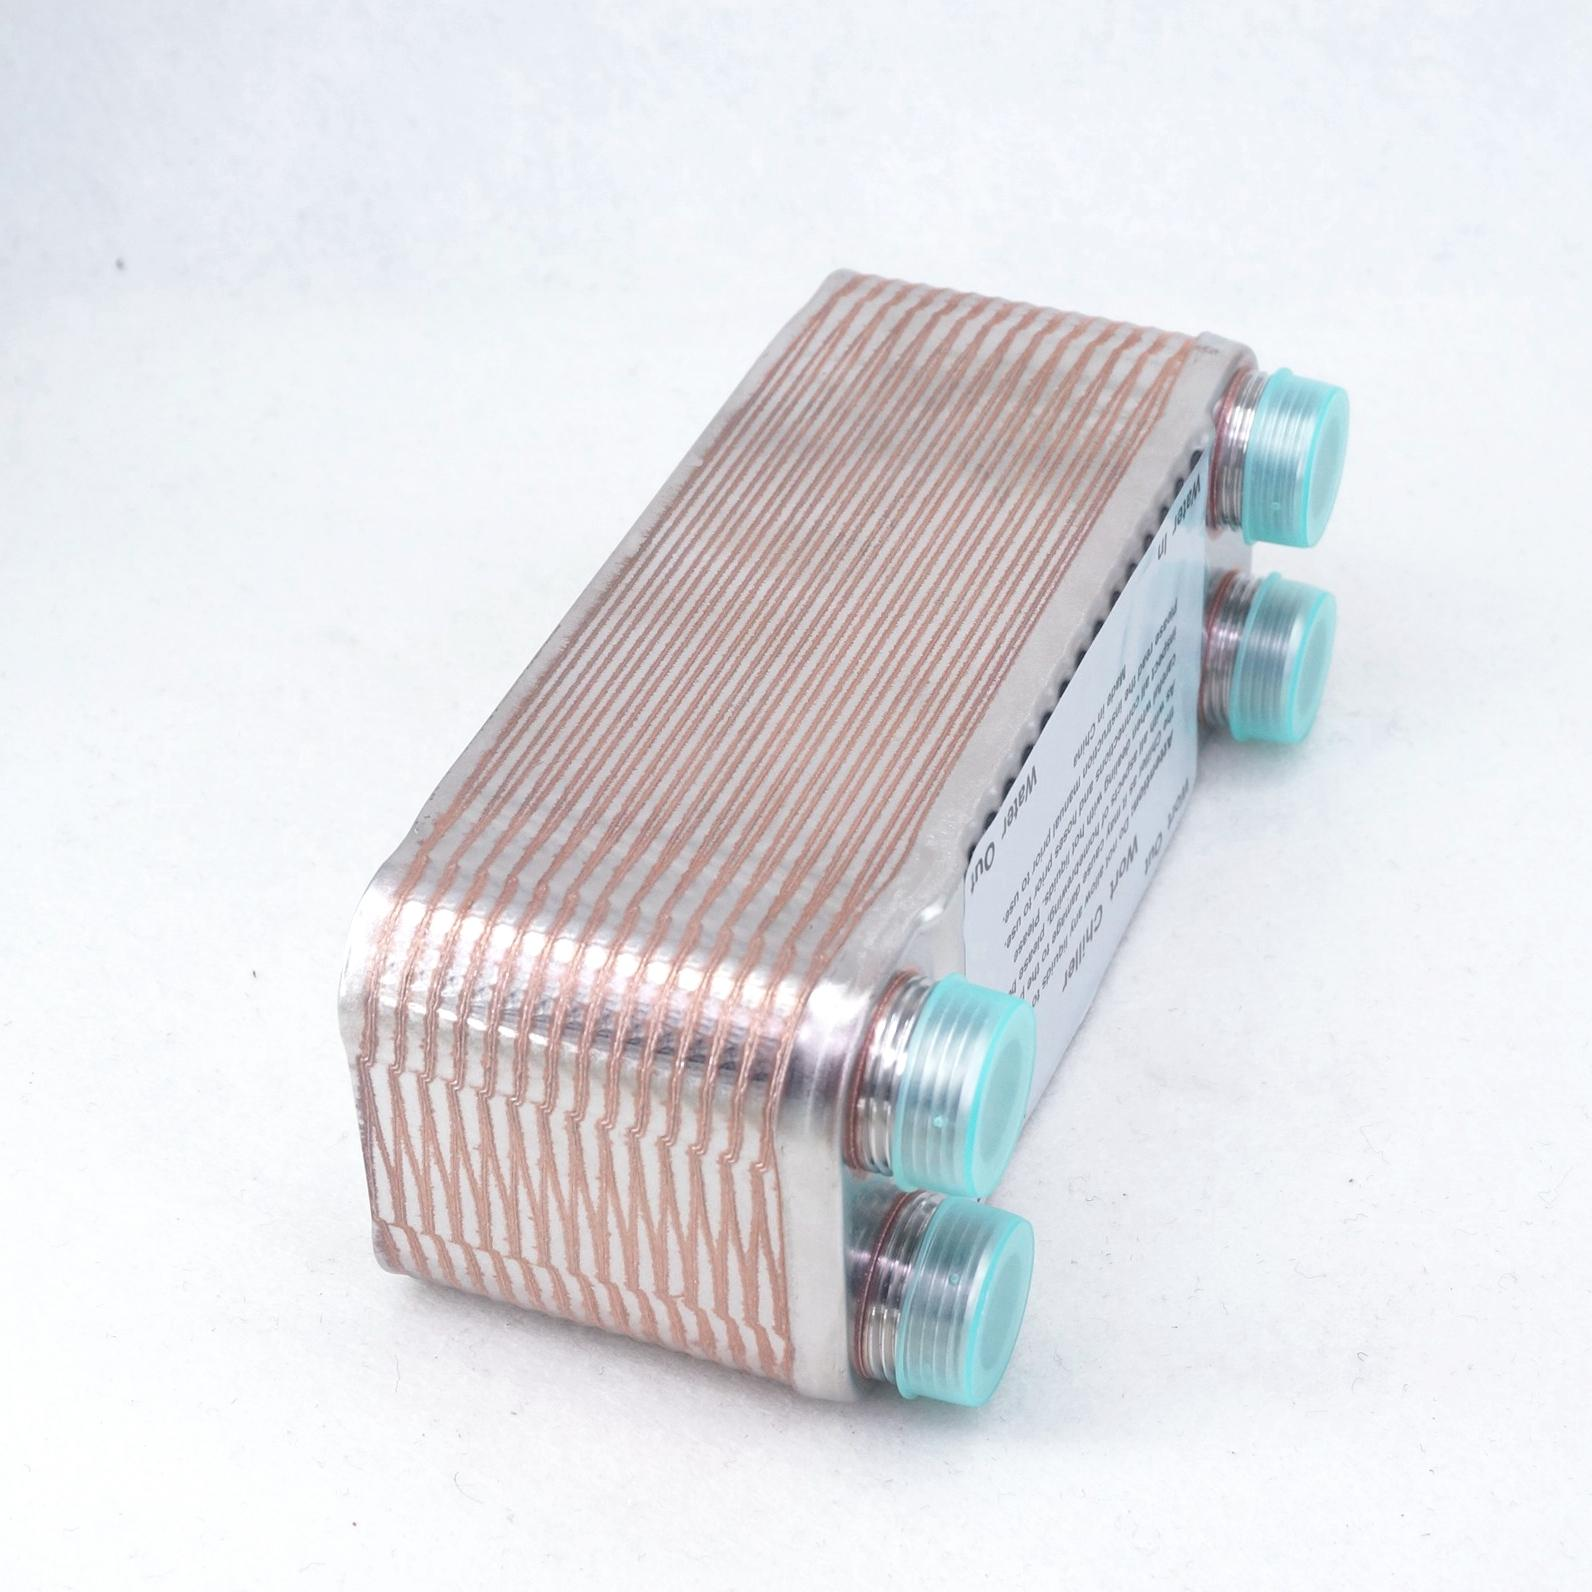 30 Plates Wort Chiller 304 Stainless Steel Homebrew Heat Exchanger 3/4